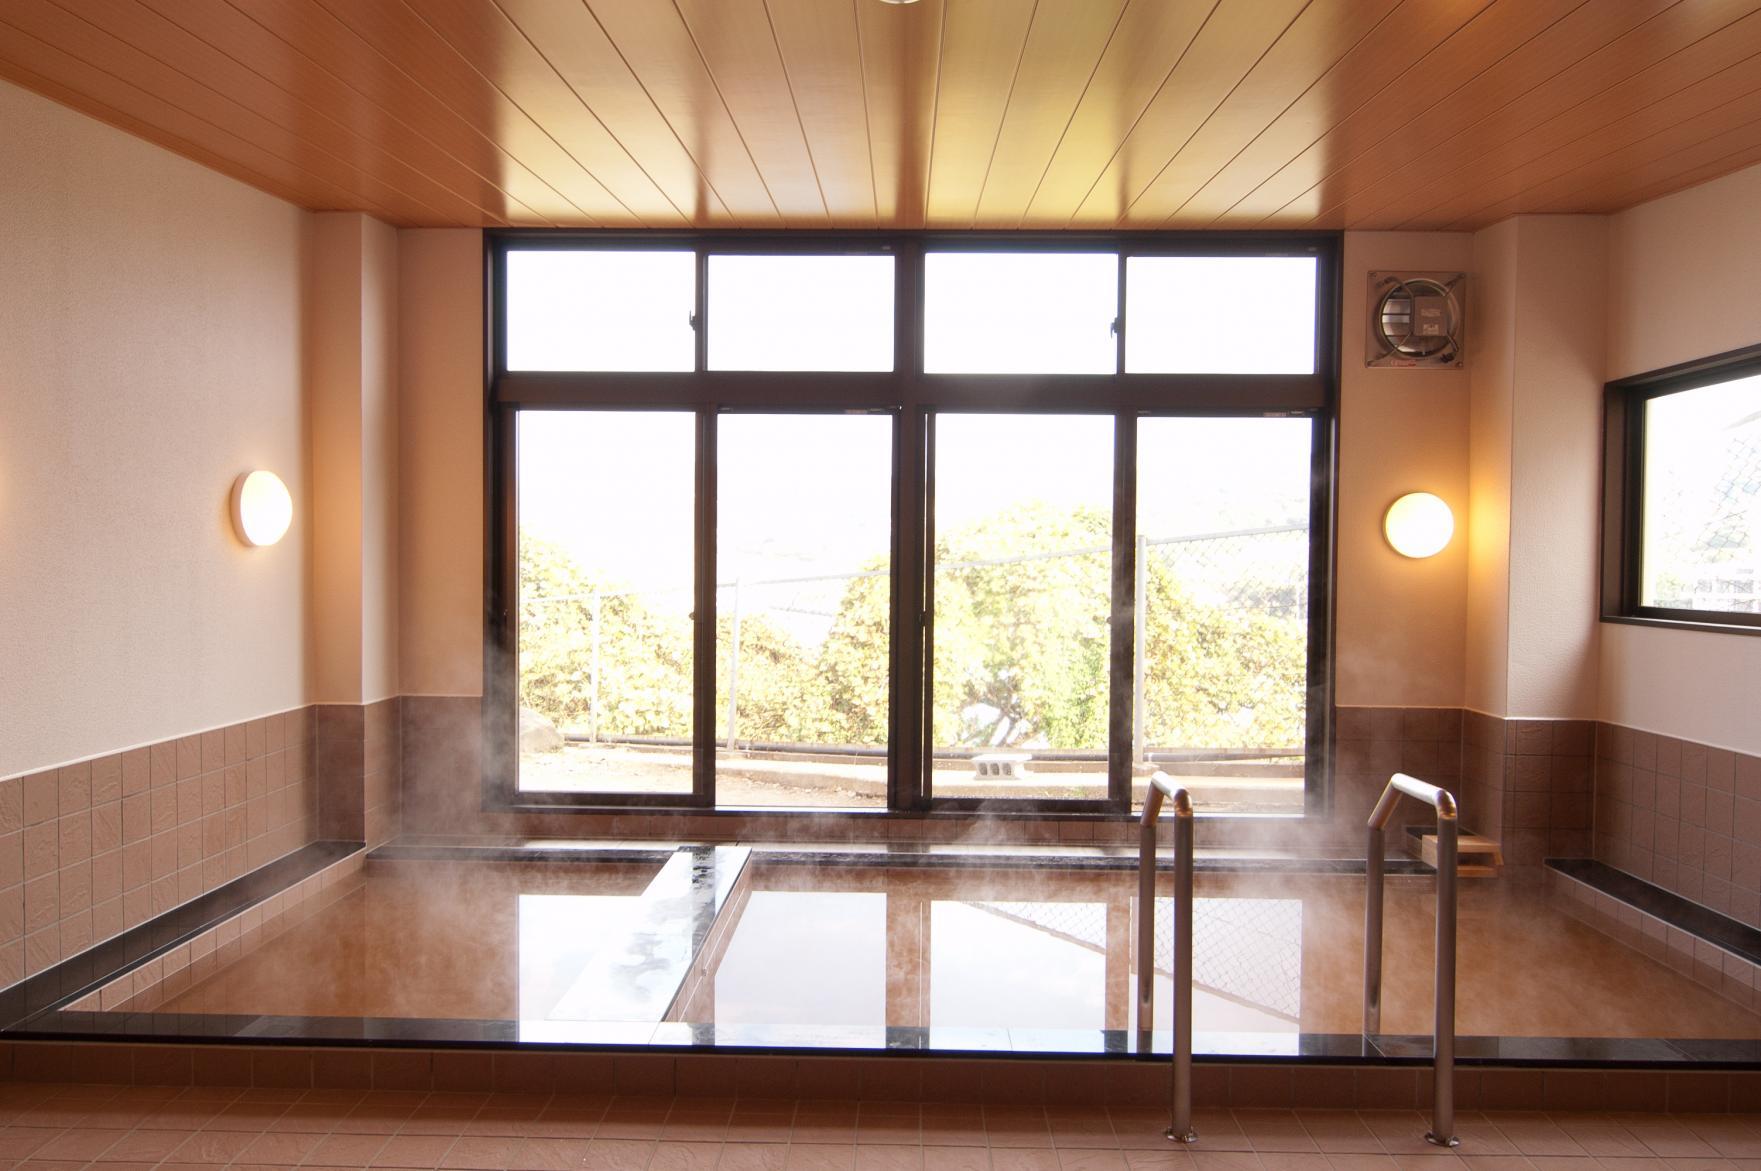 高級温泉宿から海辺のキャンプ場までバリエーション豊かな宿泊施設-1